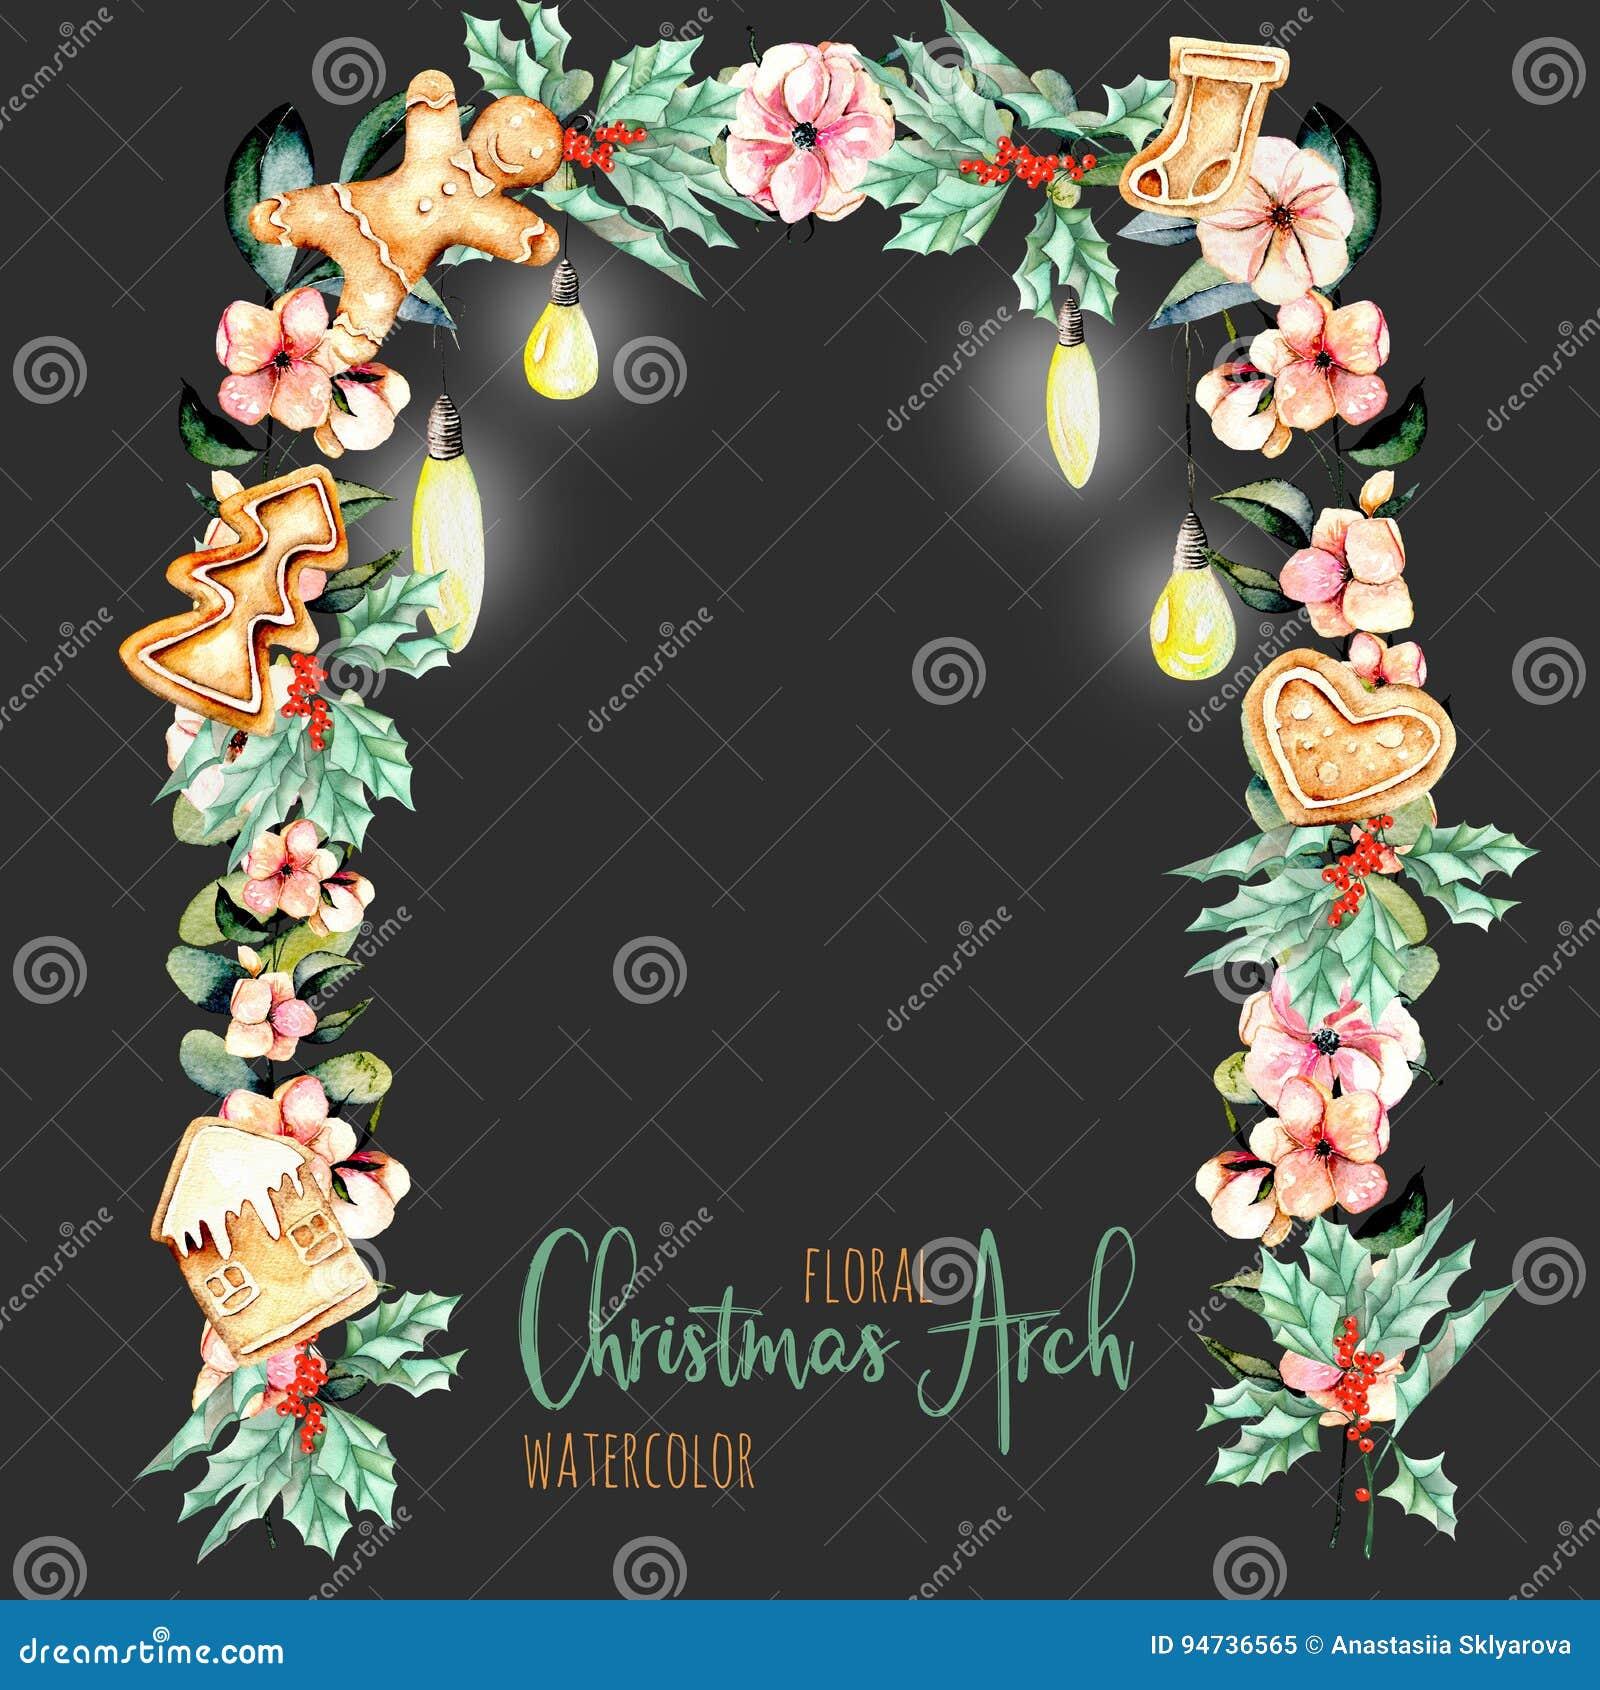 Aquarell-Blumenweihnachtsbogen mit Hängeleuchten für Feiertagsdesign